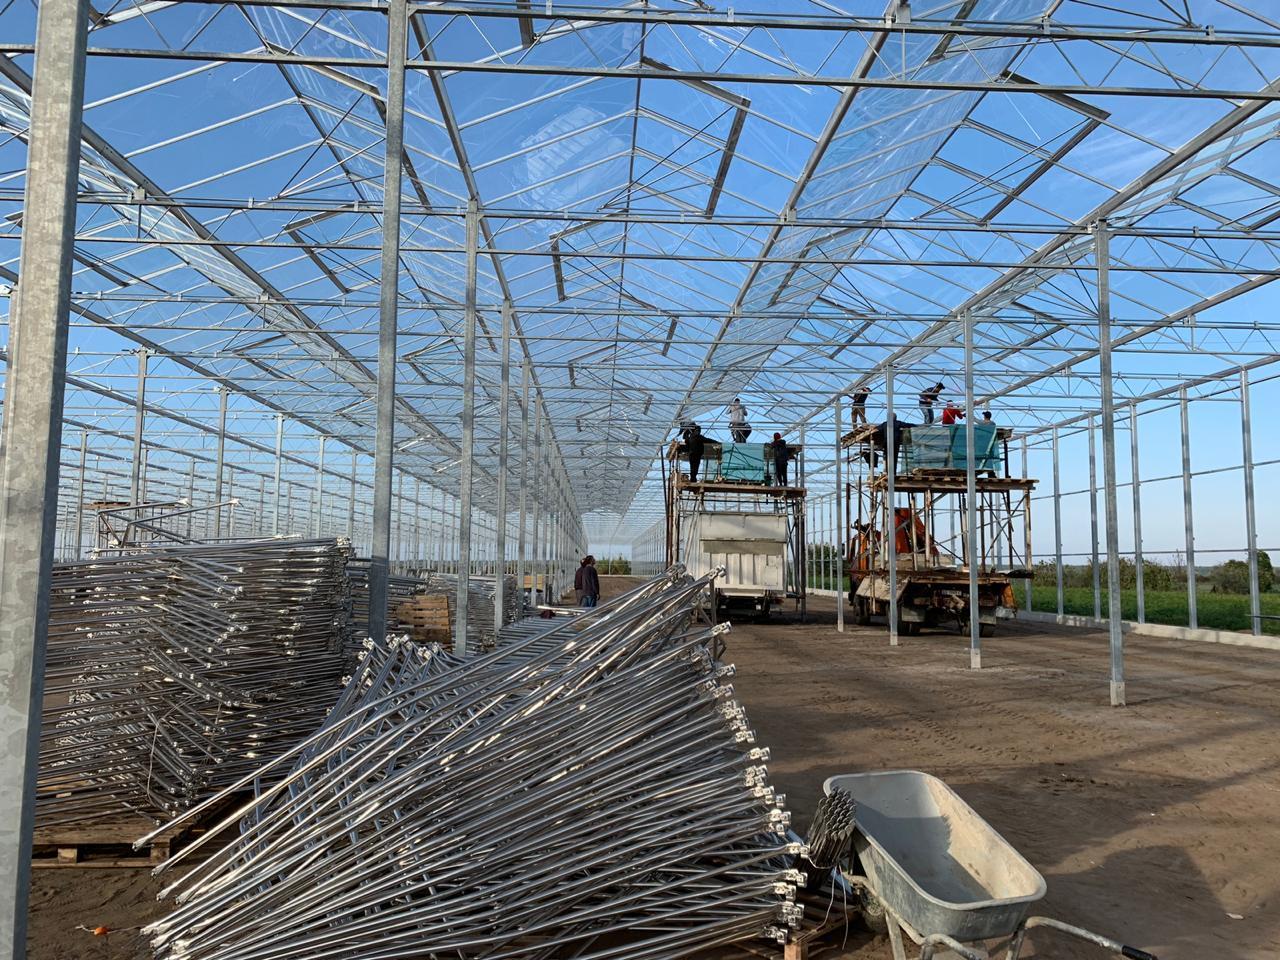 智能温室大棚覆盖材料的安装.jpg